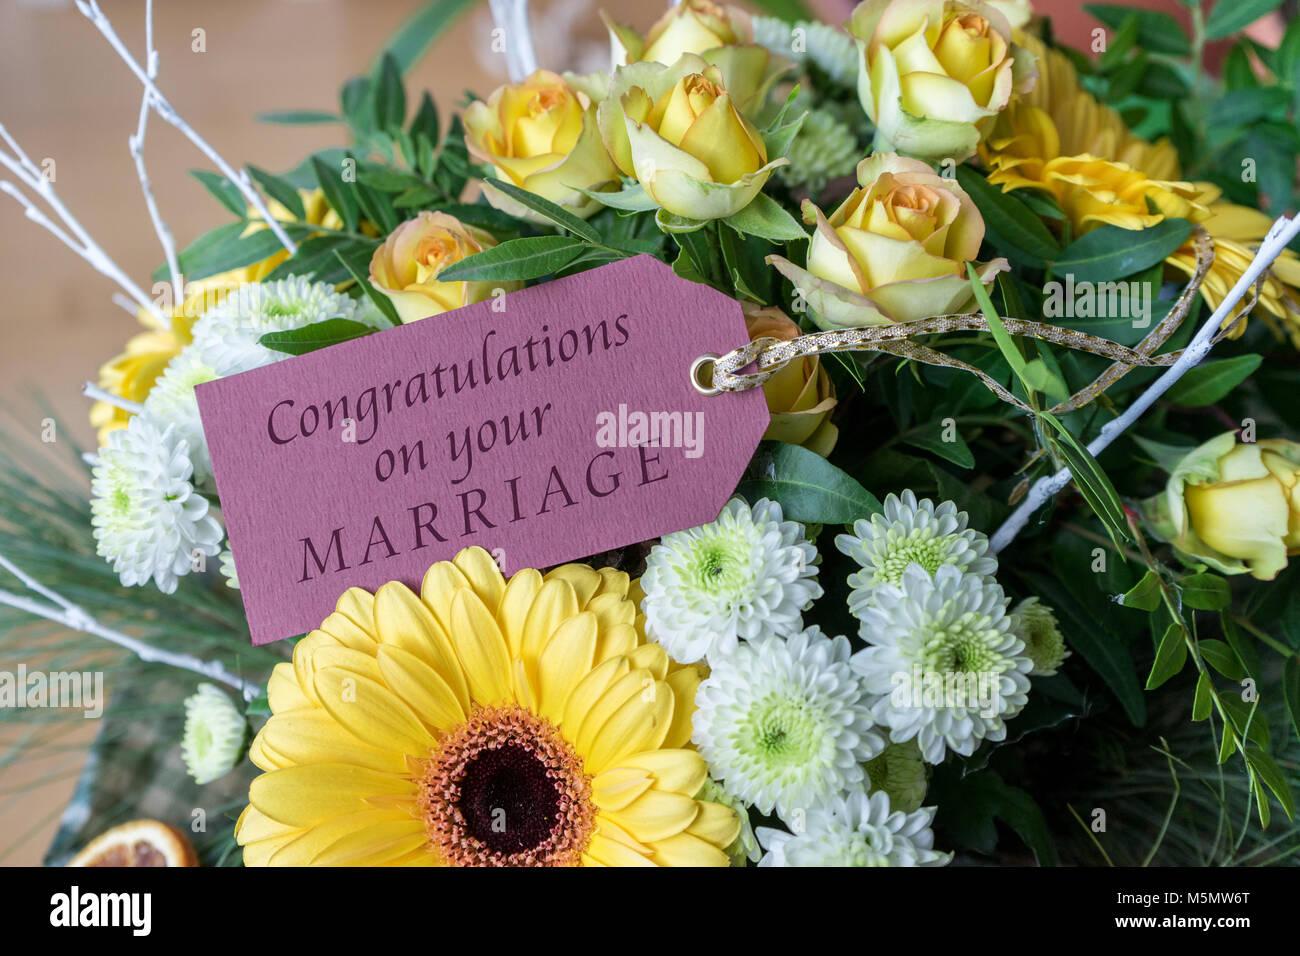 Fiori Gialli Per Bouquet.Biglietto Di Auguri Per Il Matrimonio Con Un Bouquet Di Fiori Di